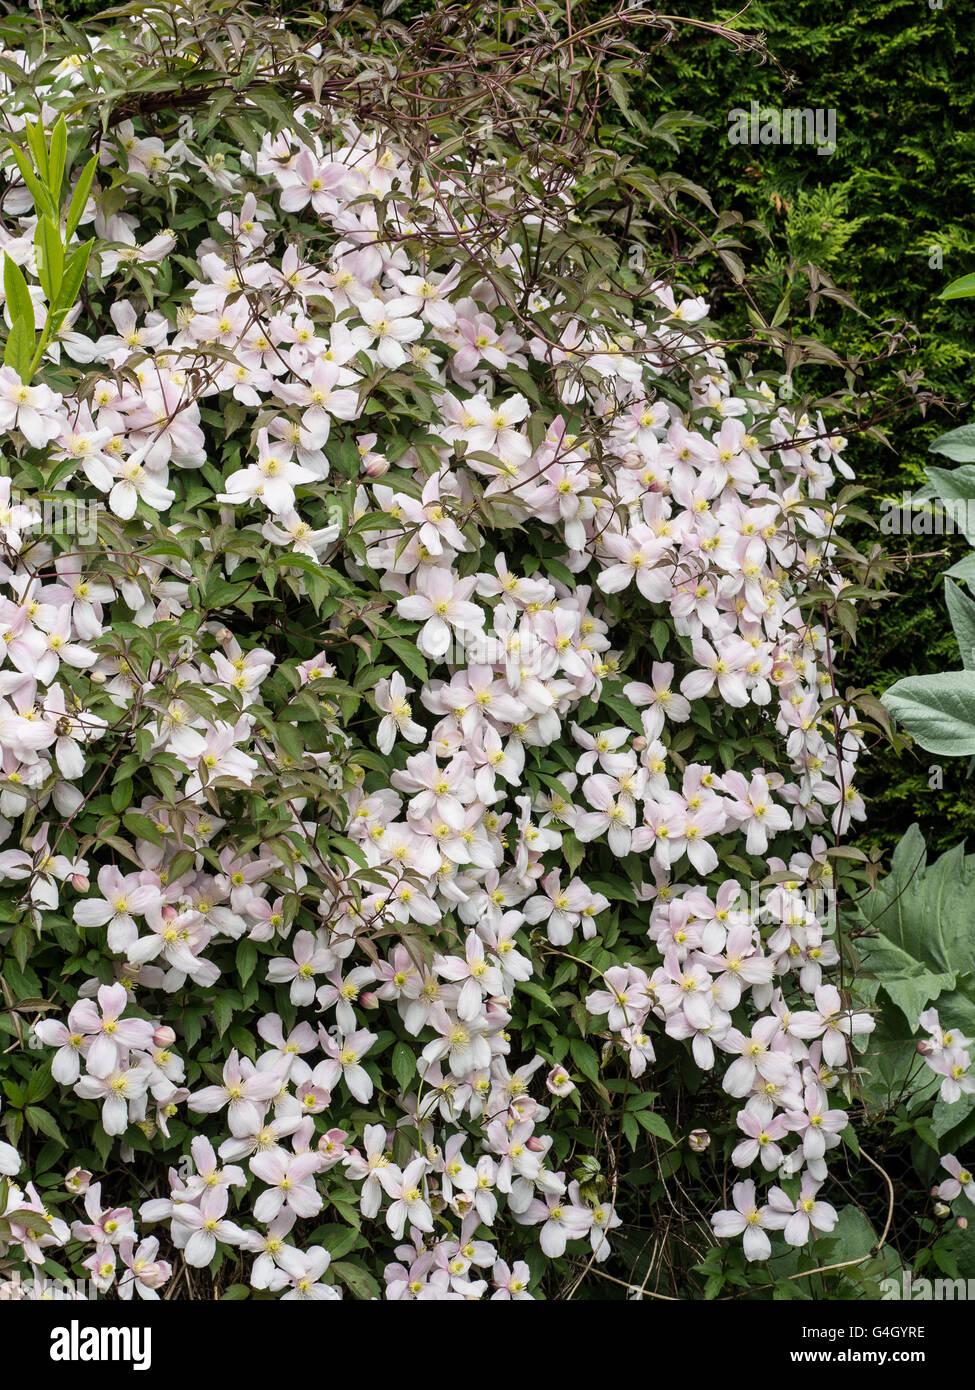 Clematis 'Perfección' rosa Floración sobre arbustos Imagen De Stock